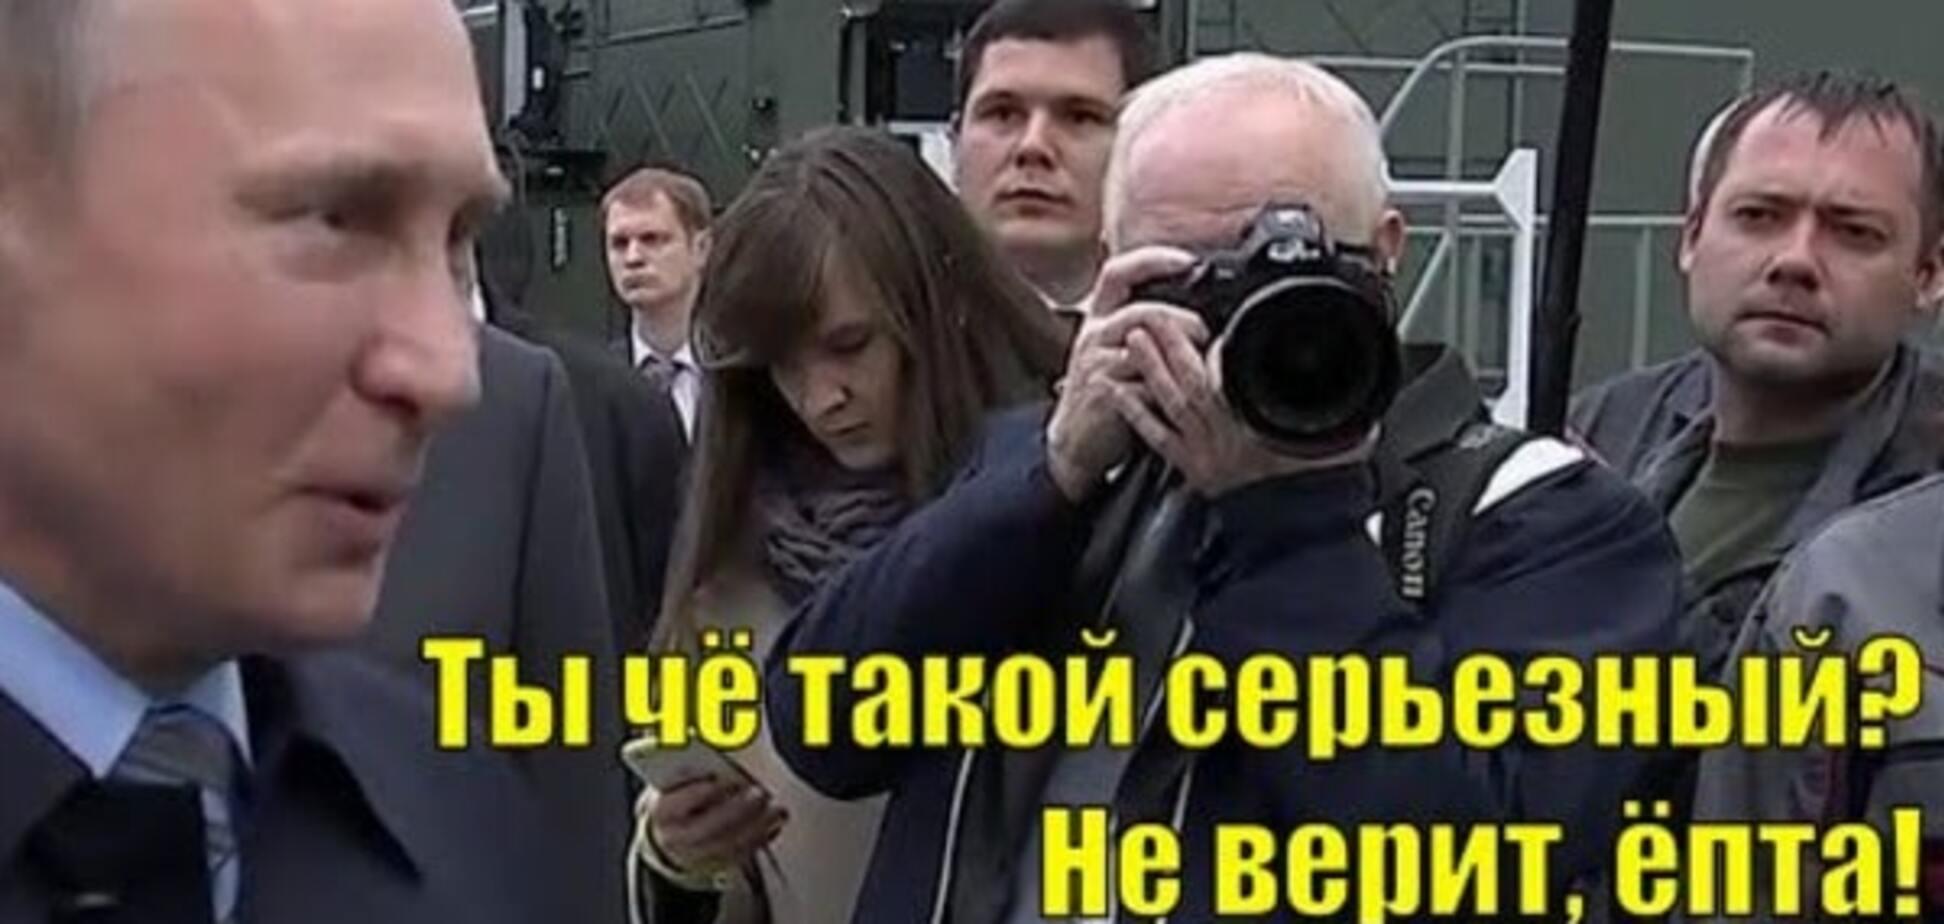 Шо такий серйозний, а? Витівку Путіна перетворили на реп і висміяли в мережі